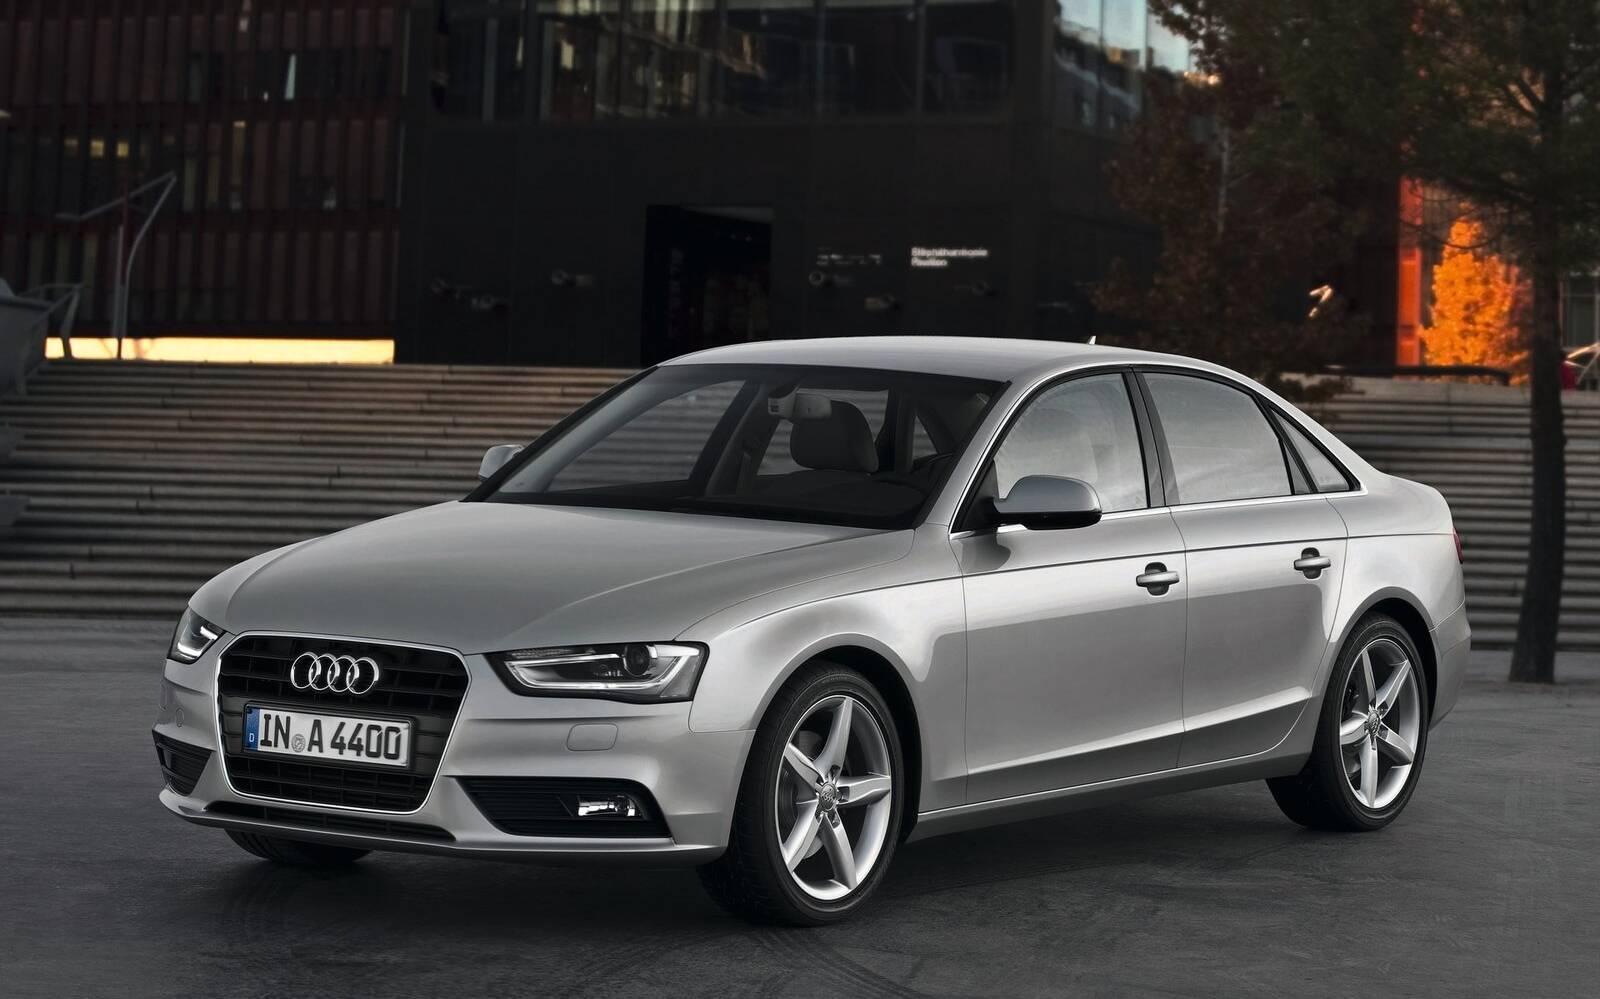 <p>Audi A4 2013</p>